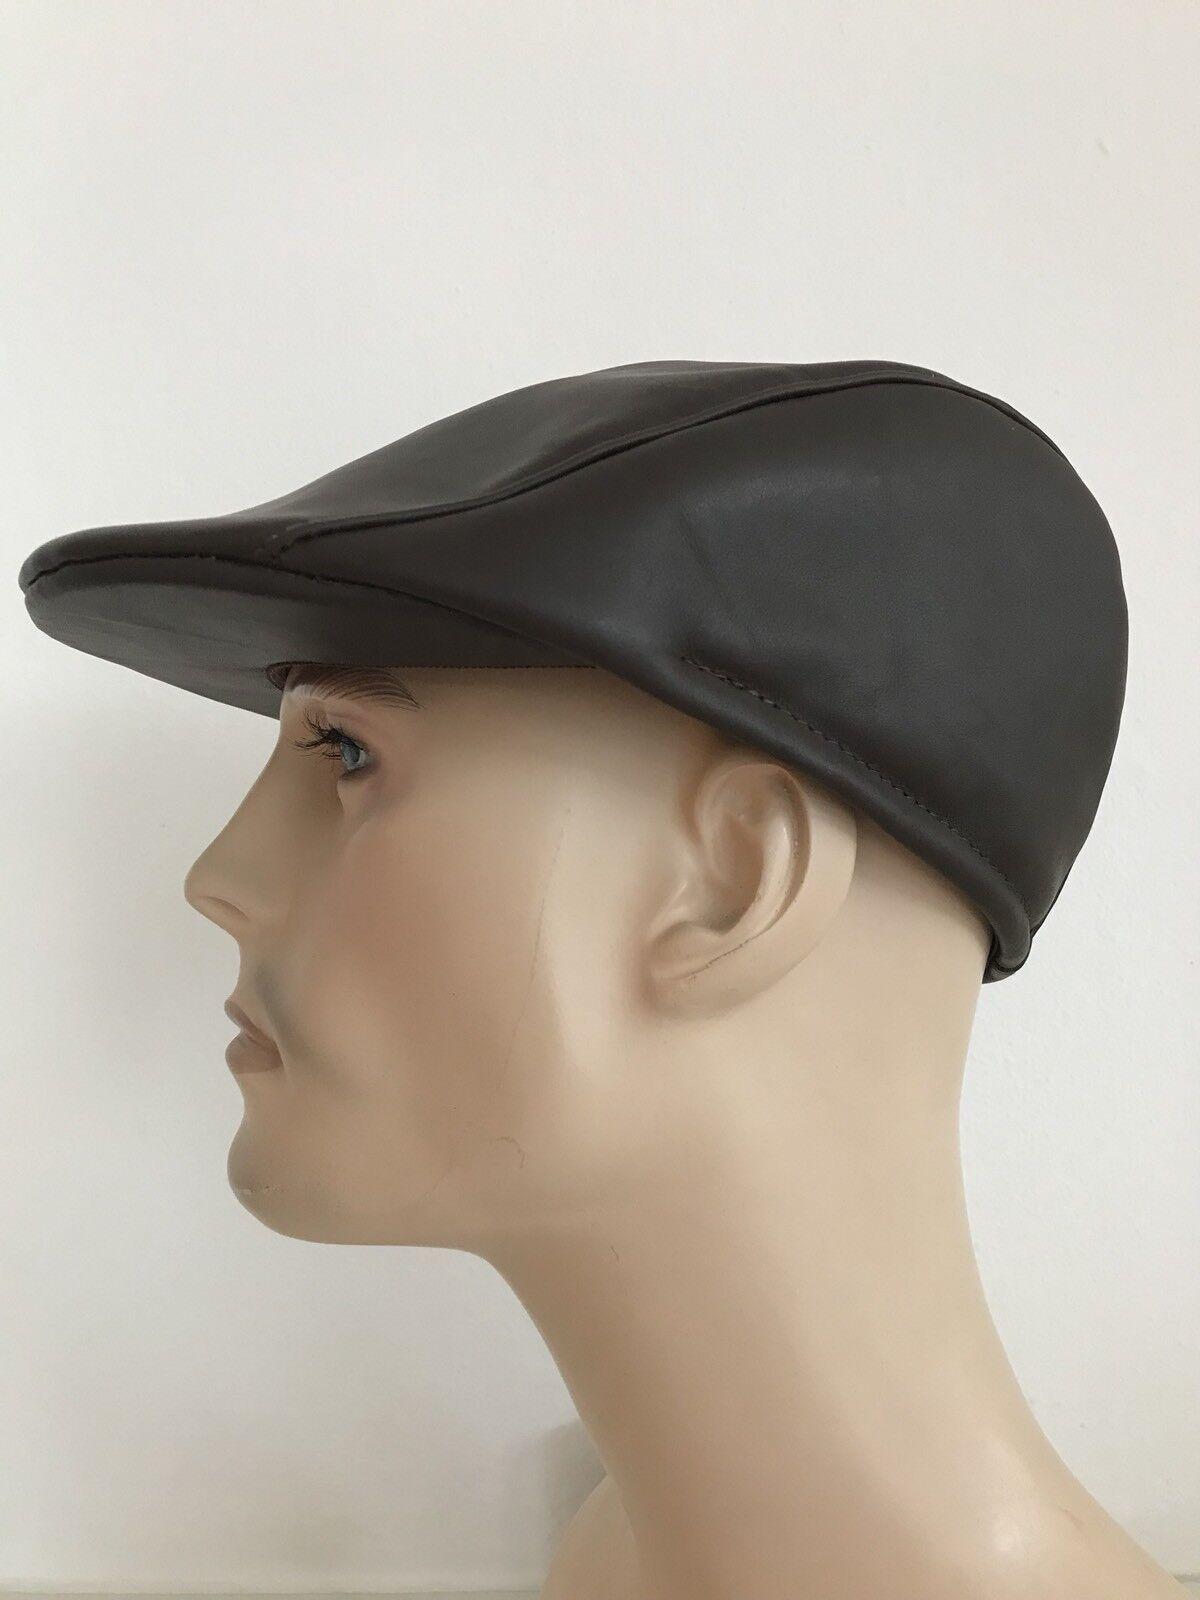 Ledermütze Cap Mütze Gr 59 Braun Hut Hut Hut Lamm Leder Scheepskin Neu    Spielen Sie auf der ganzen Welt und verhindern Sie, dass Ihre Kinder einsam sind  581cb4